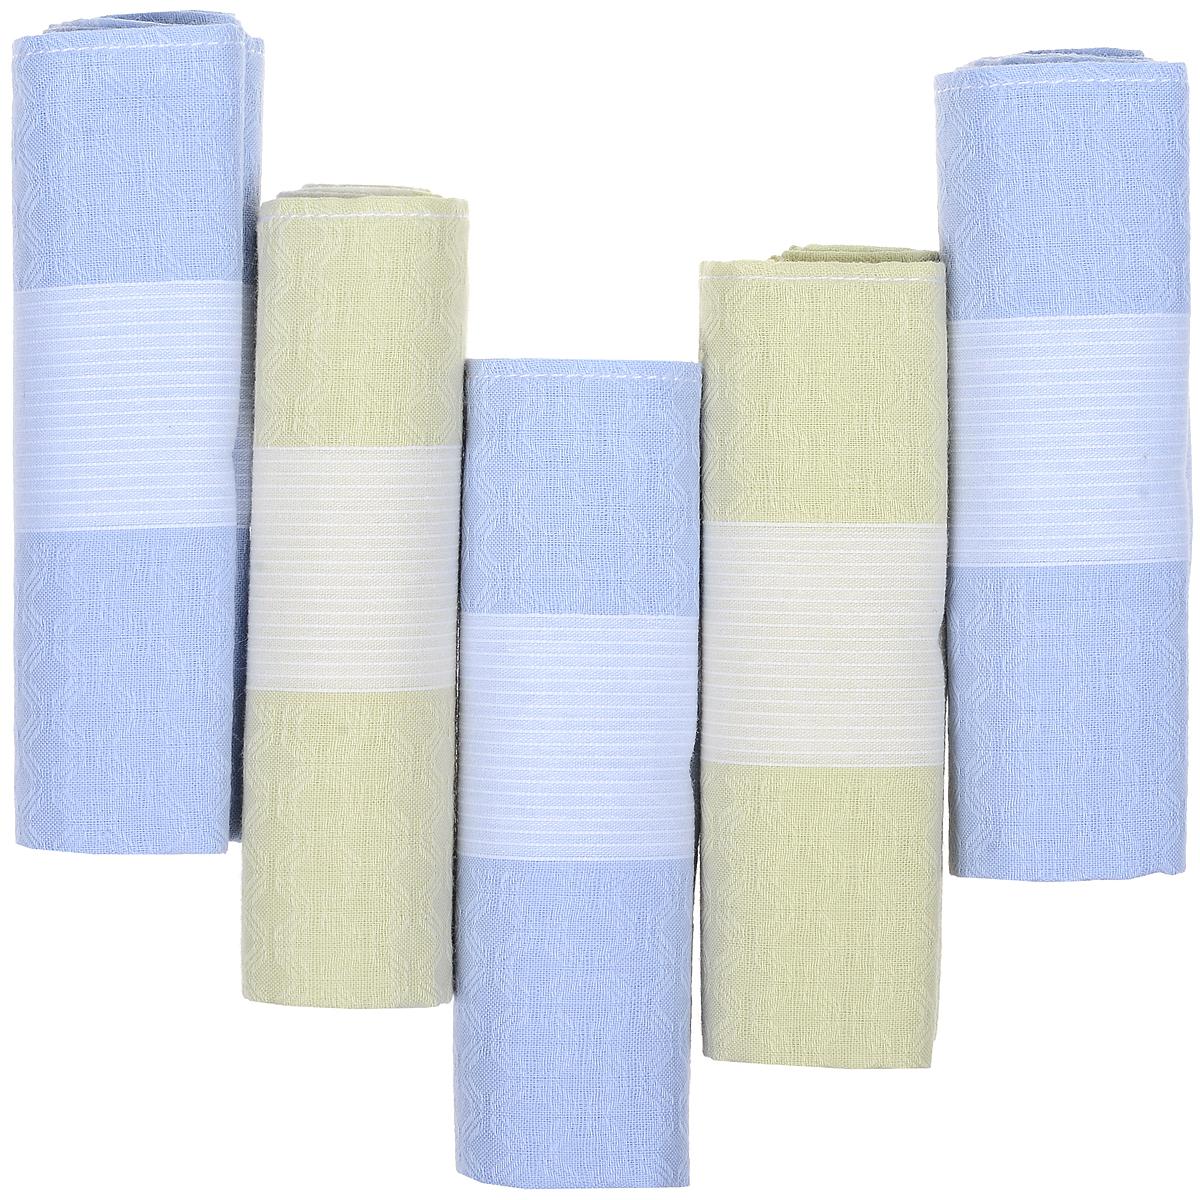 Платок носовой мужской Zlata Korunka, цвет: голубой, молочный, 5 шт. 90512-2. Размер 29 см х 29 смСерьги с подвескамиОригинальный мужской носовой платок Zlata Korunka изготовлен из высококачественного натурального хлопка, благодаря чему приятен в использовании, хорошо стирается, не садится и отлично впитывает влагу. Практичный и изящный носовой платок будет незаменим в повседневной жизни любого современного человека. Такой платок послужит стильным аксессуаром и подчеркнет ваше превосходное чувство вкуса.В комплекте 5 платков.